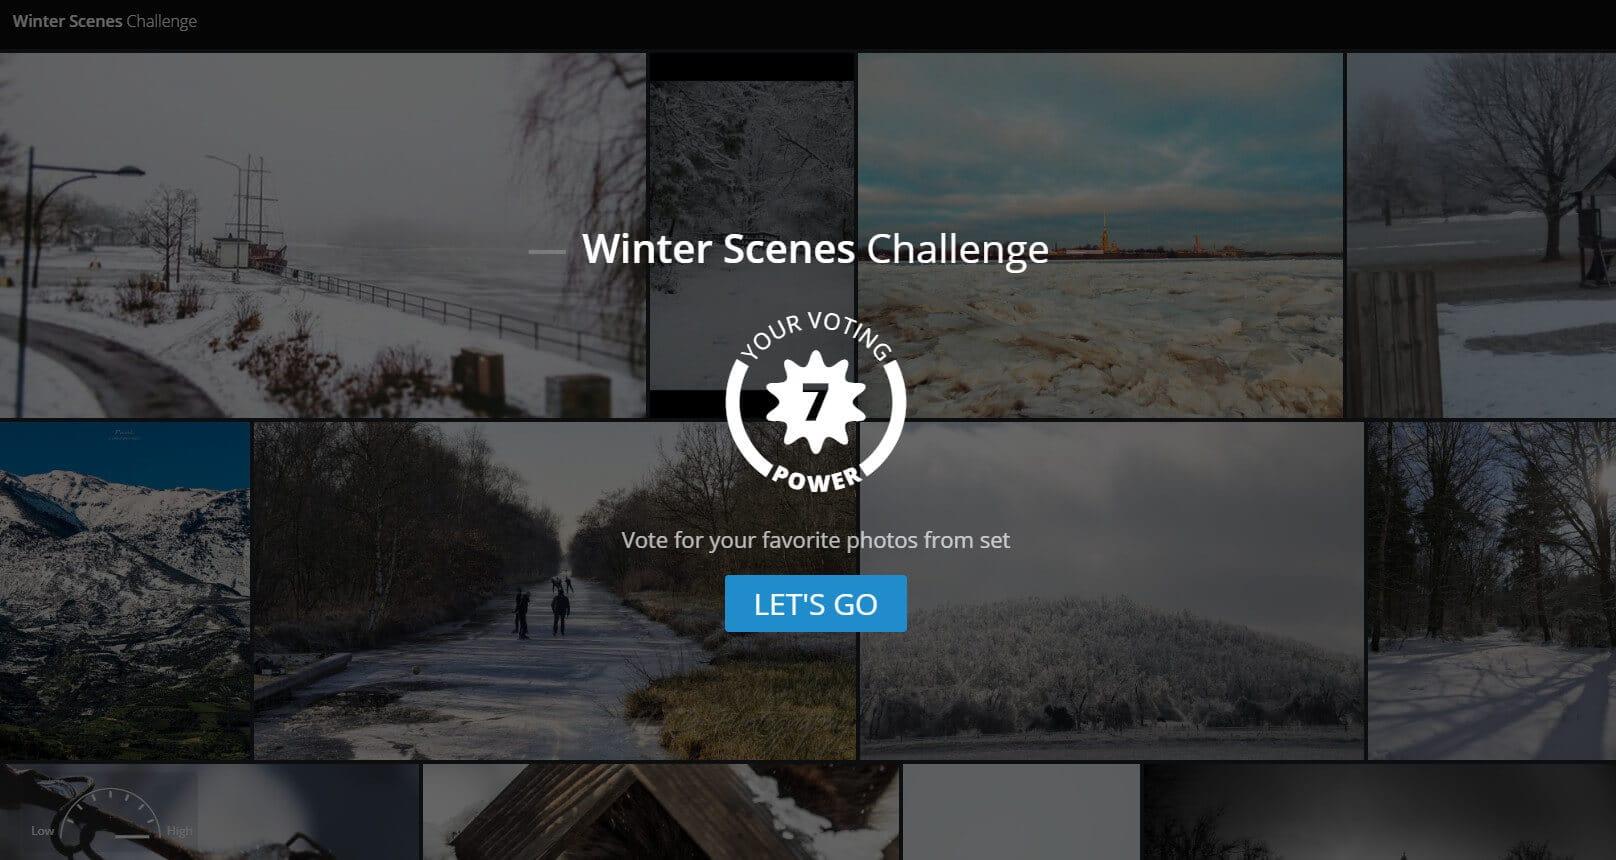 Das Voting fürs Thema Winterlandschaften